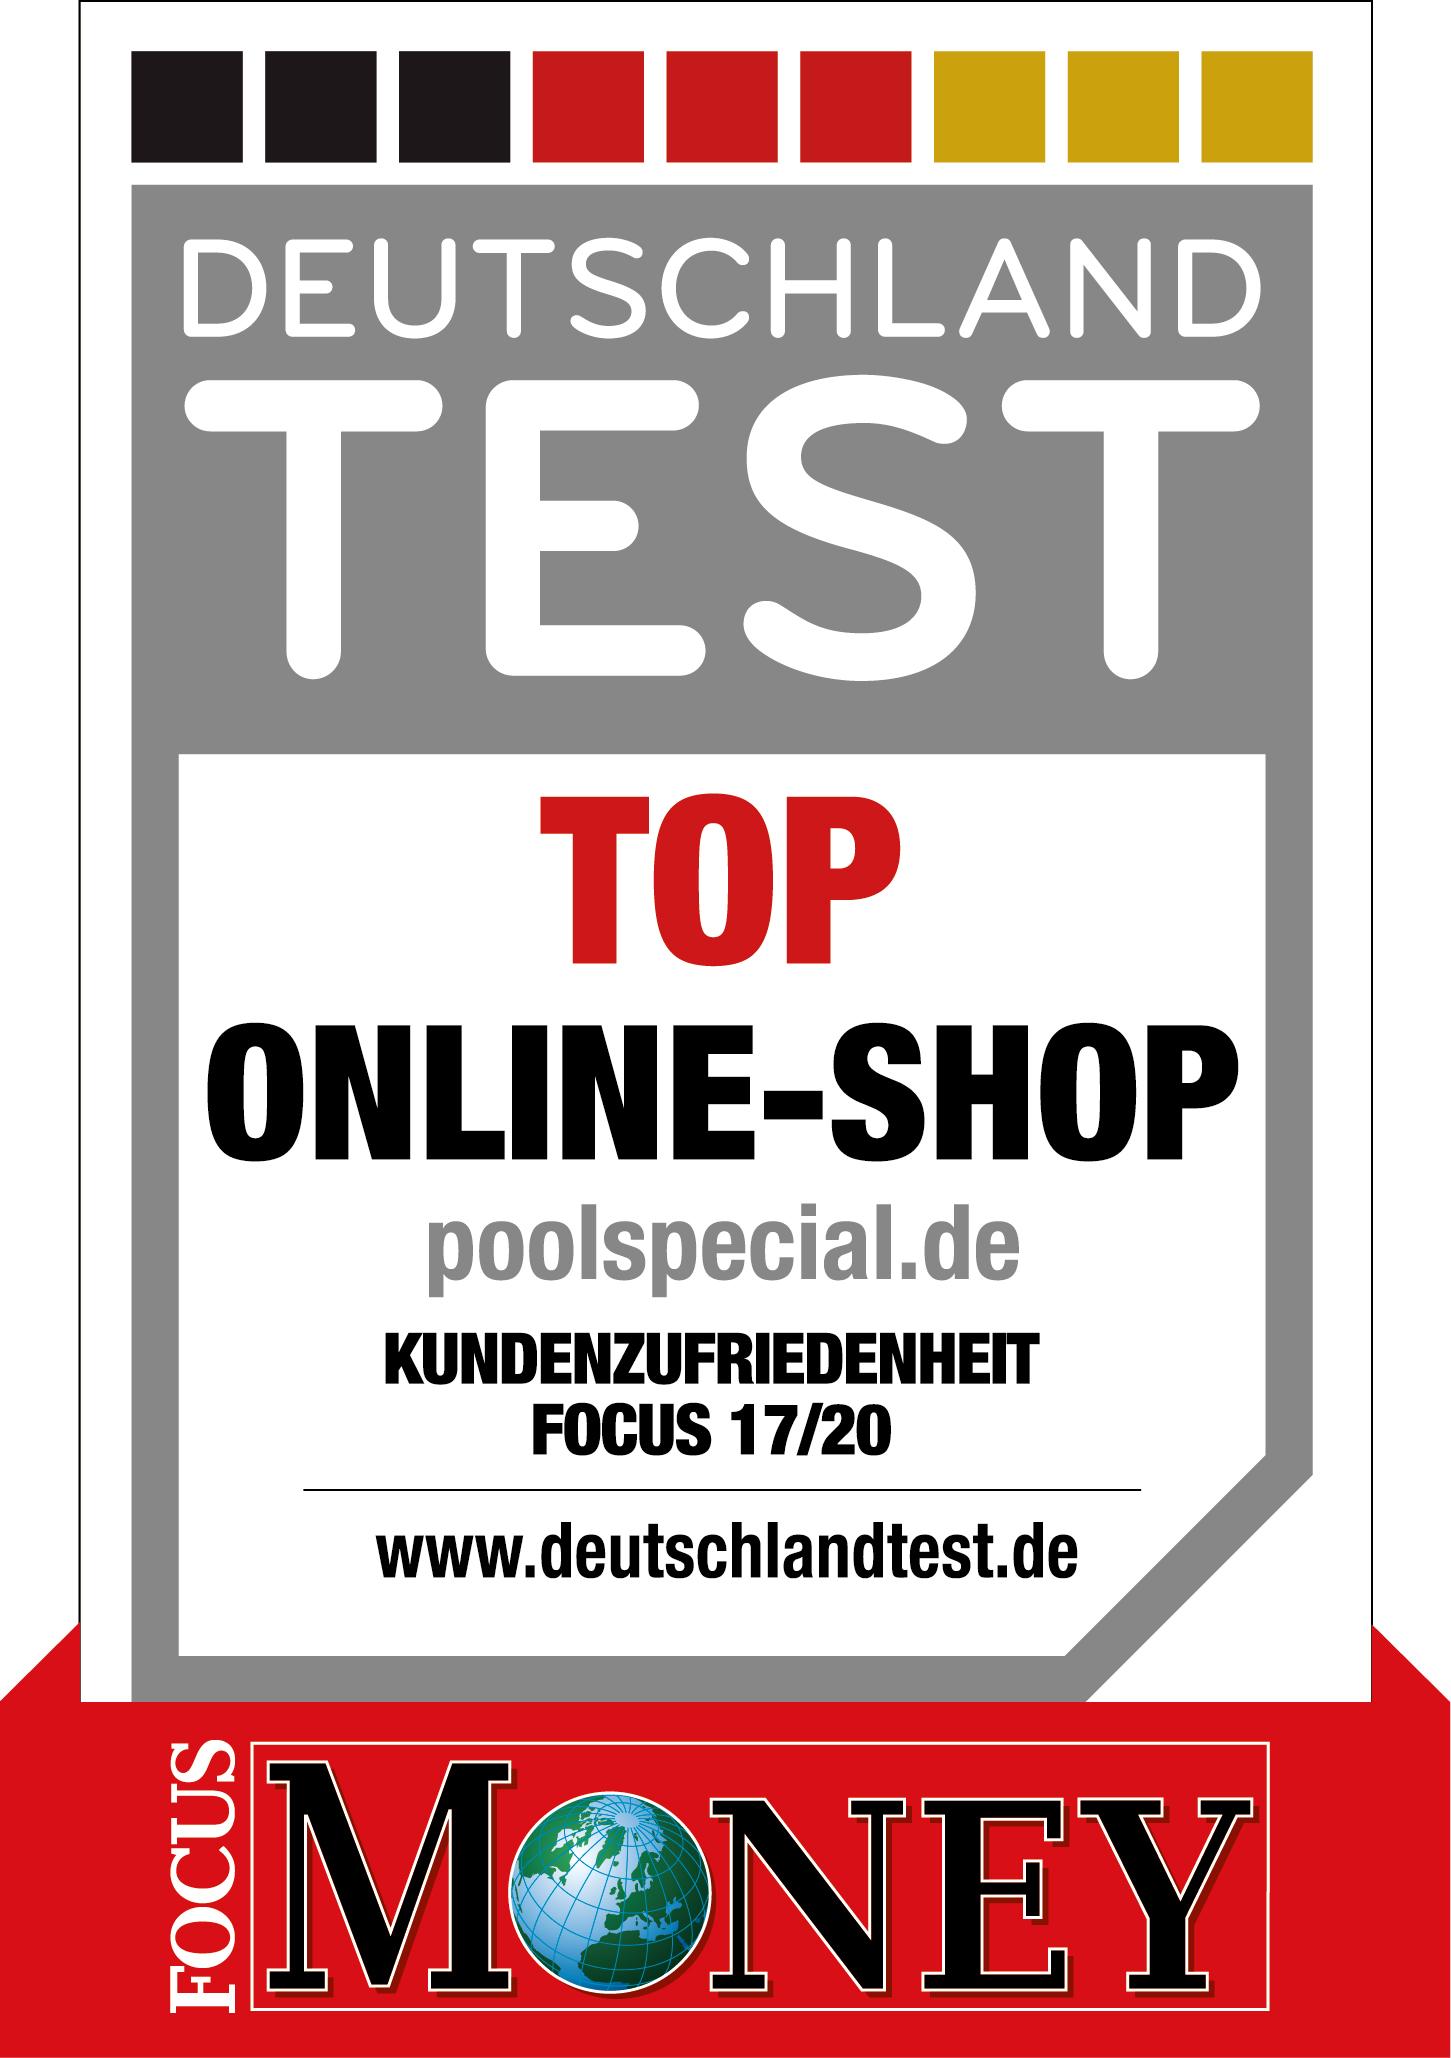 DT-Top-Online-Shop_2020_poolspecial-de